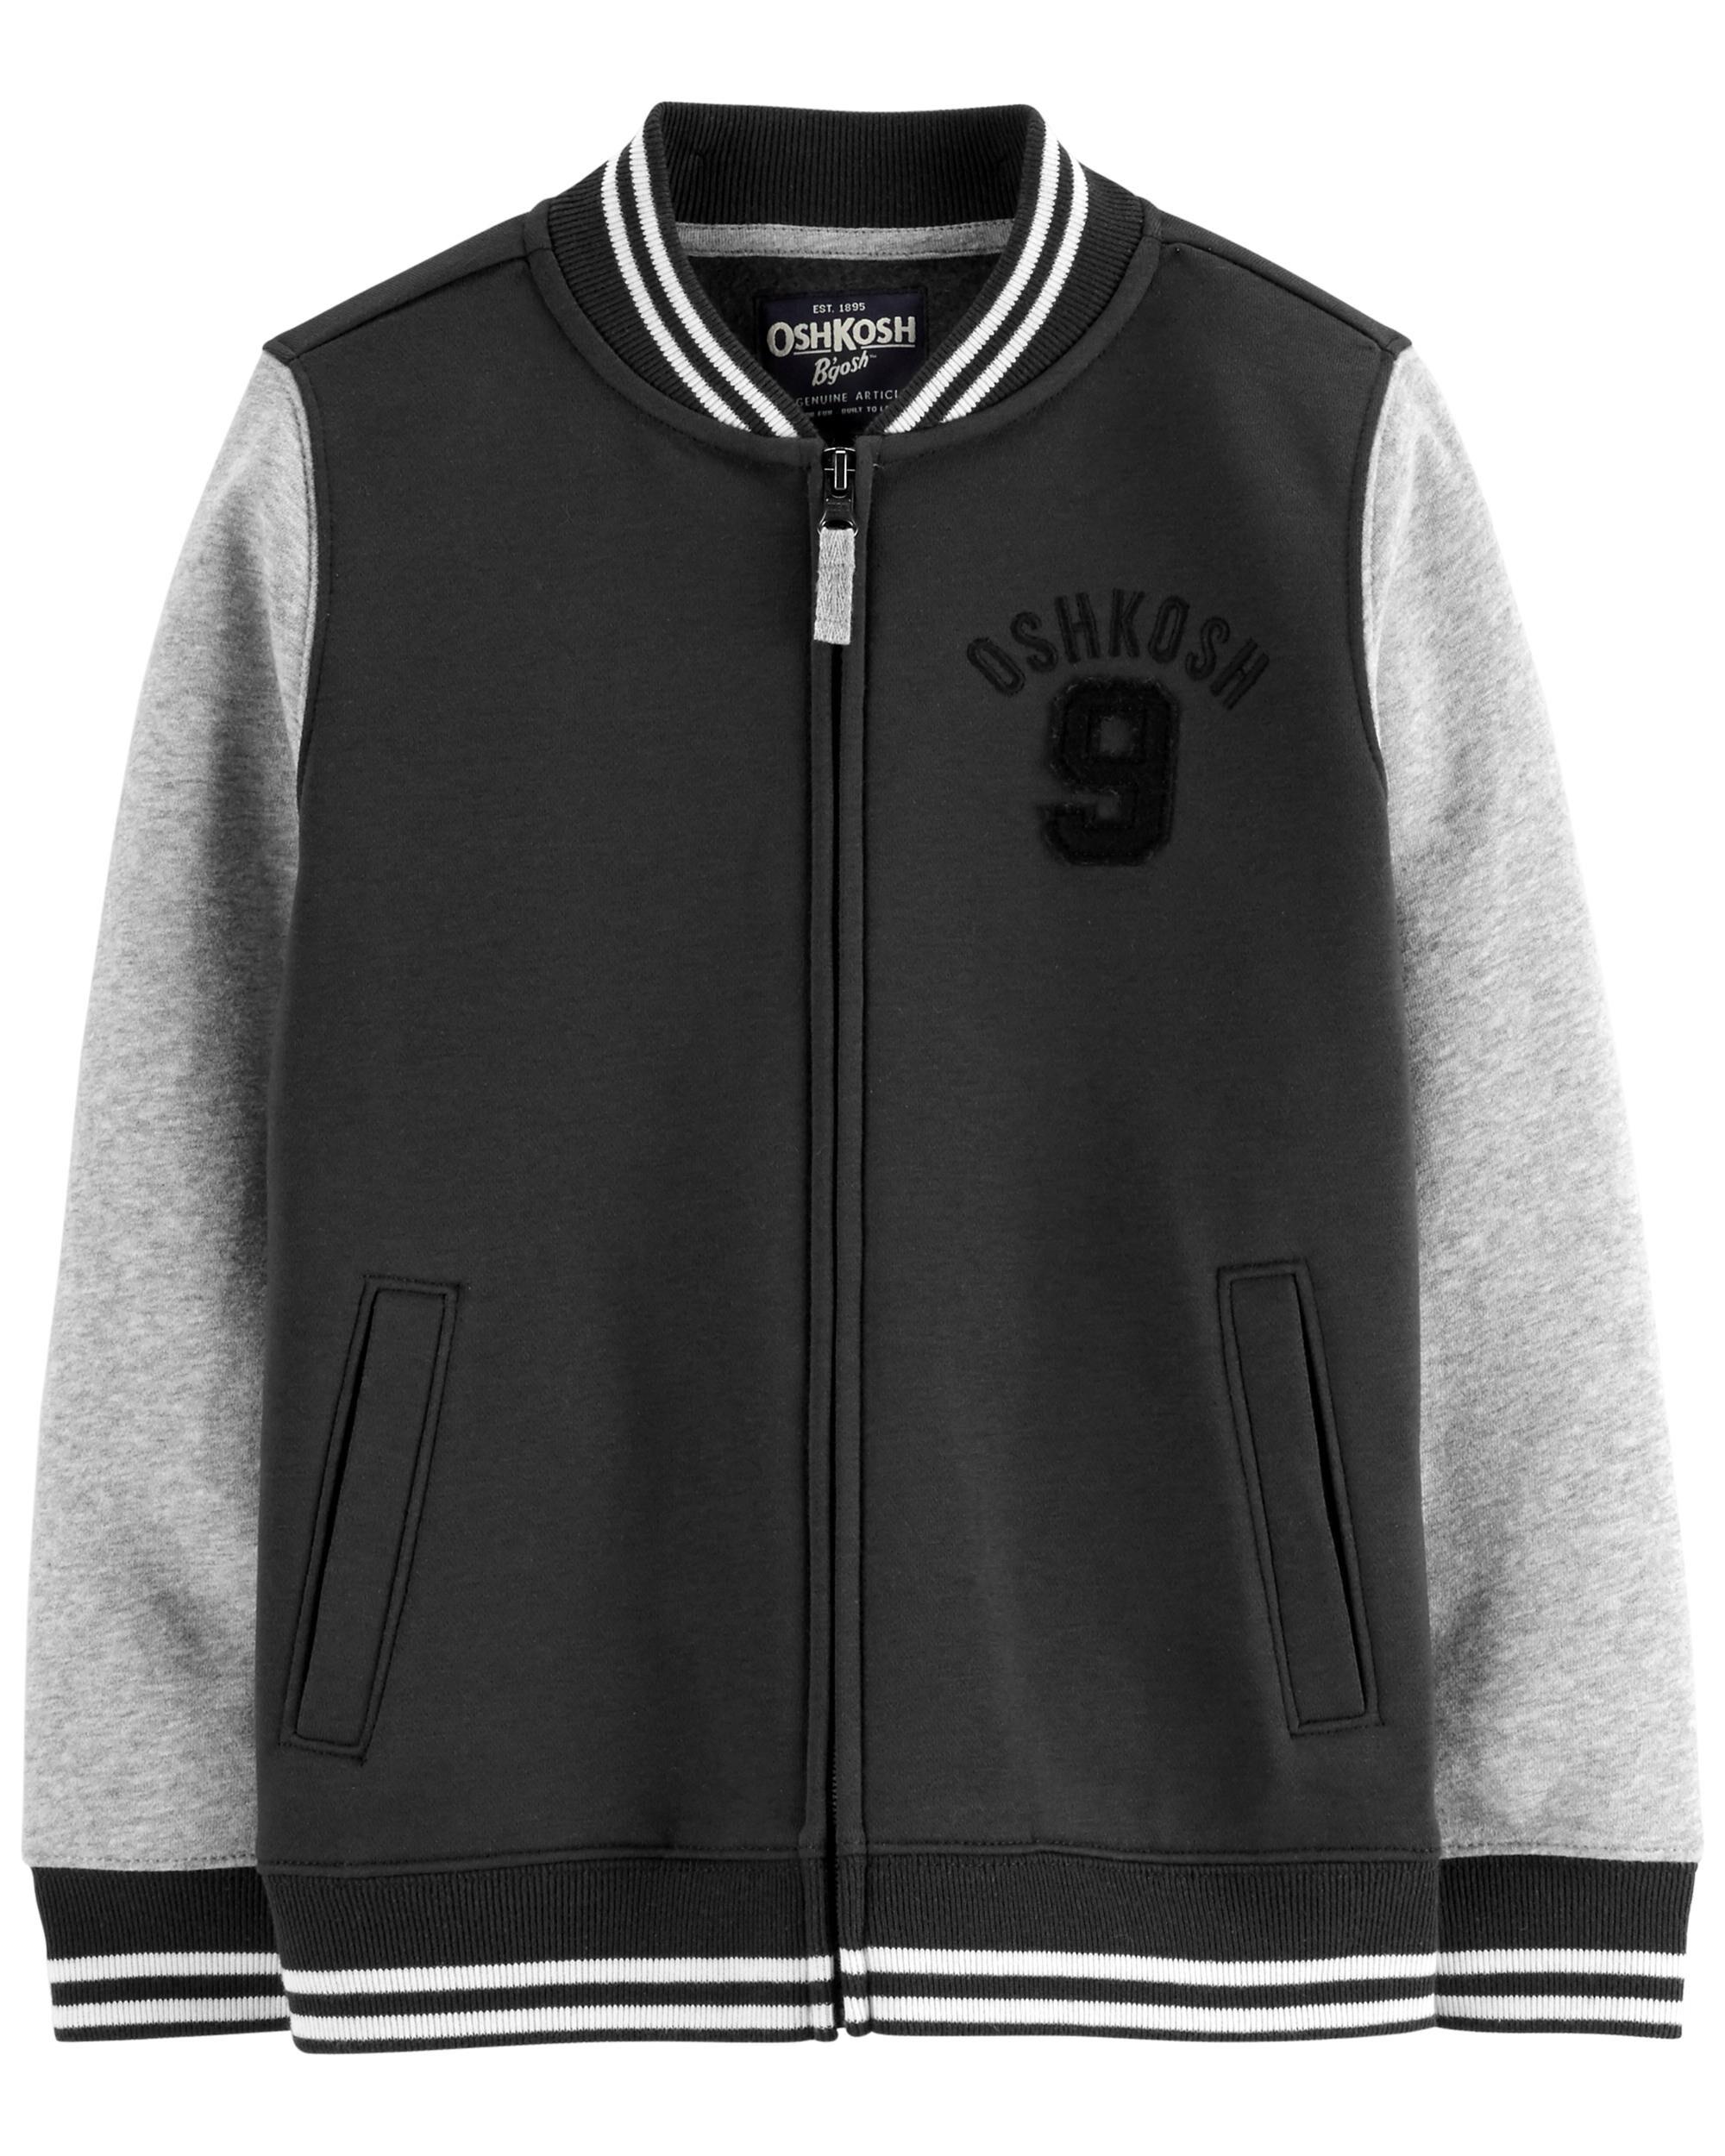 OshKosh BGosh Boys Varsity Jacket